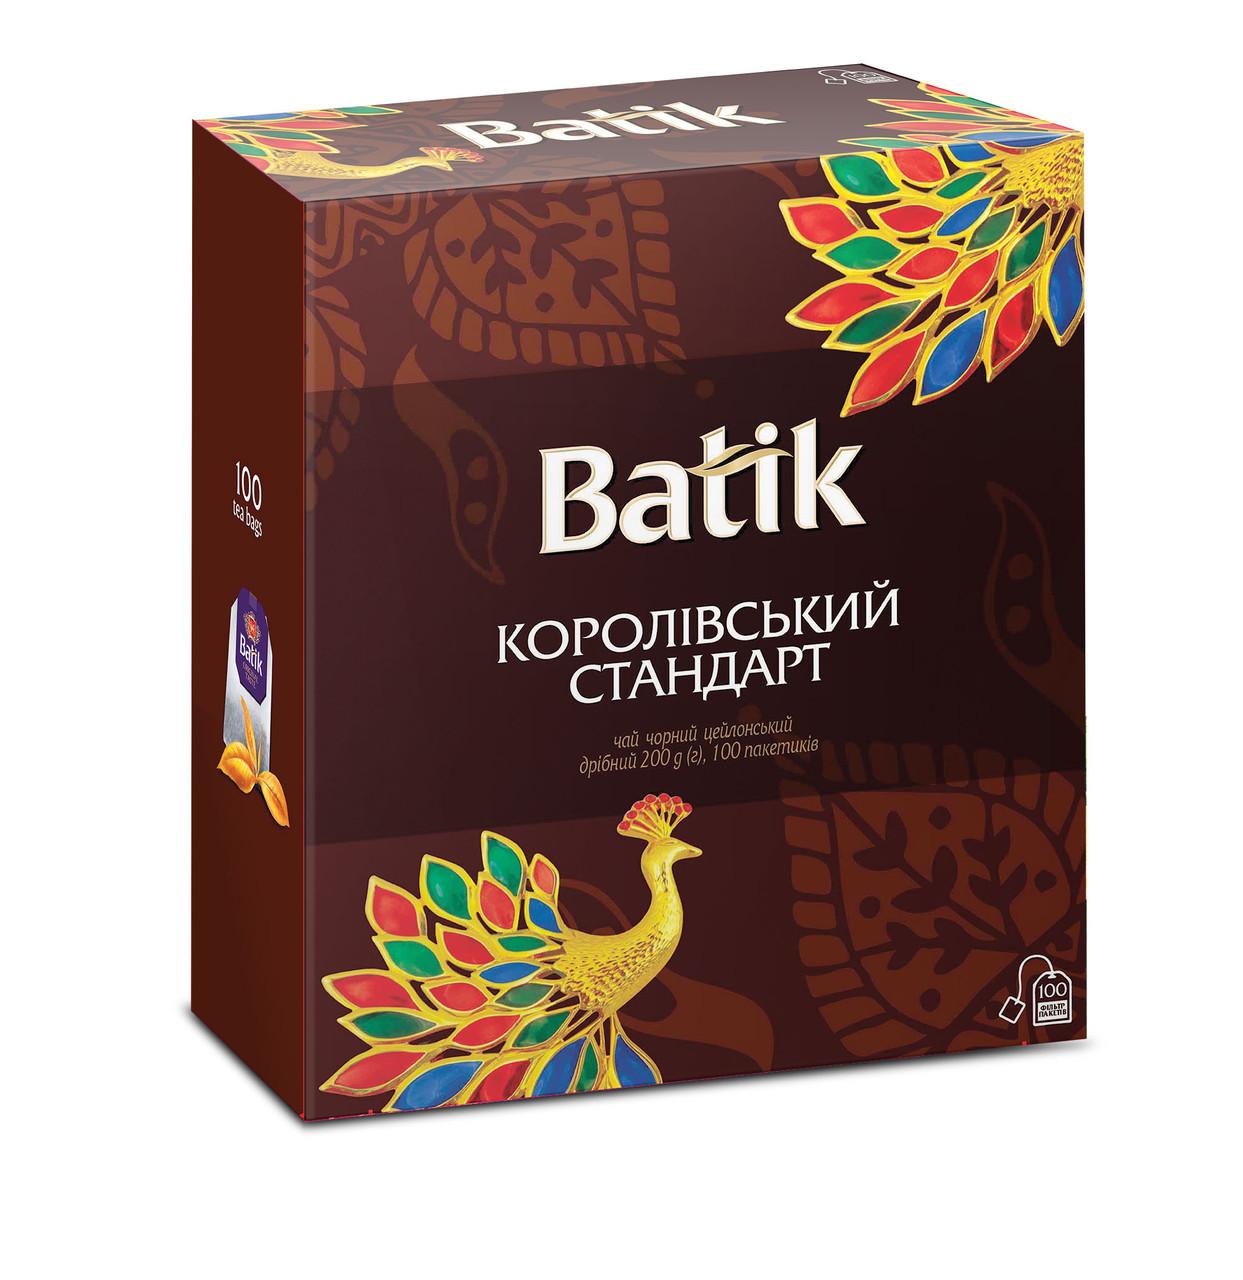 Чай Batik чорний Королівський Стандарт цейлонський пакетований 100*2 г